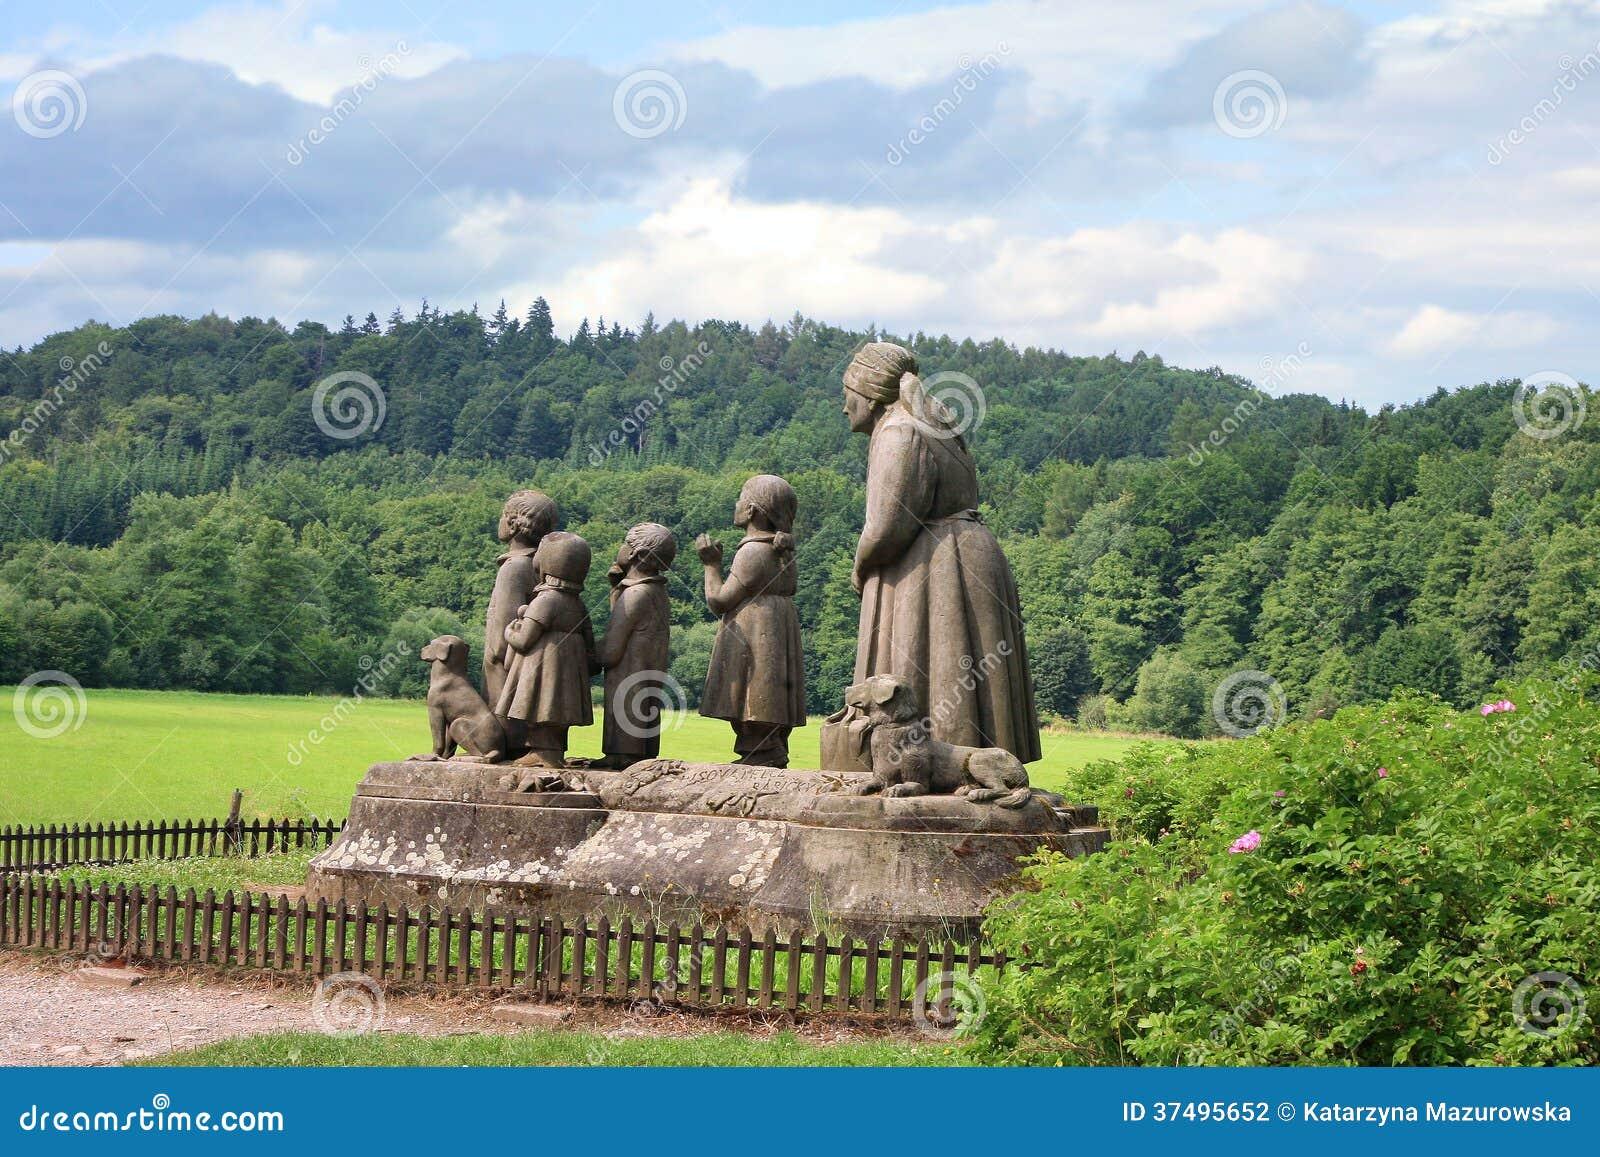 Grand-maman de monument avec des enfants.